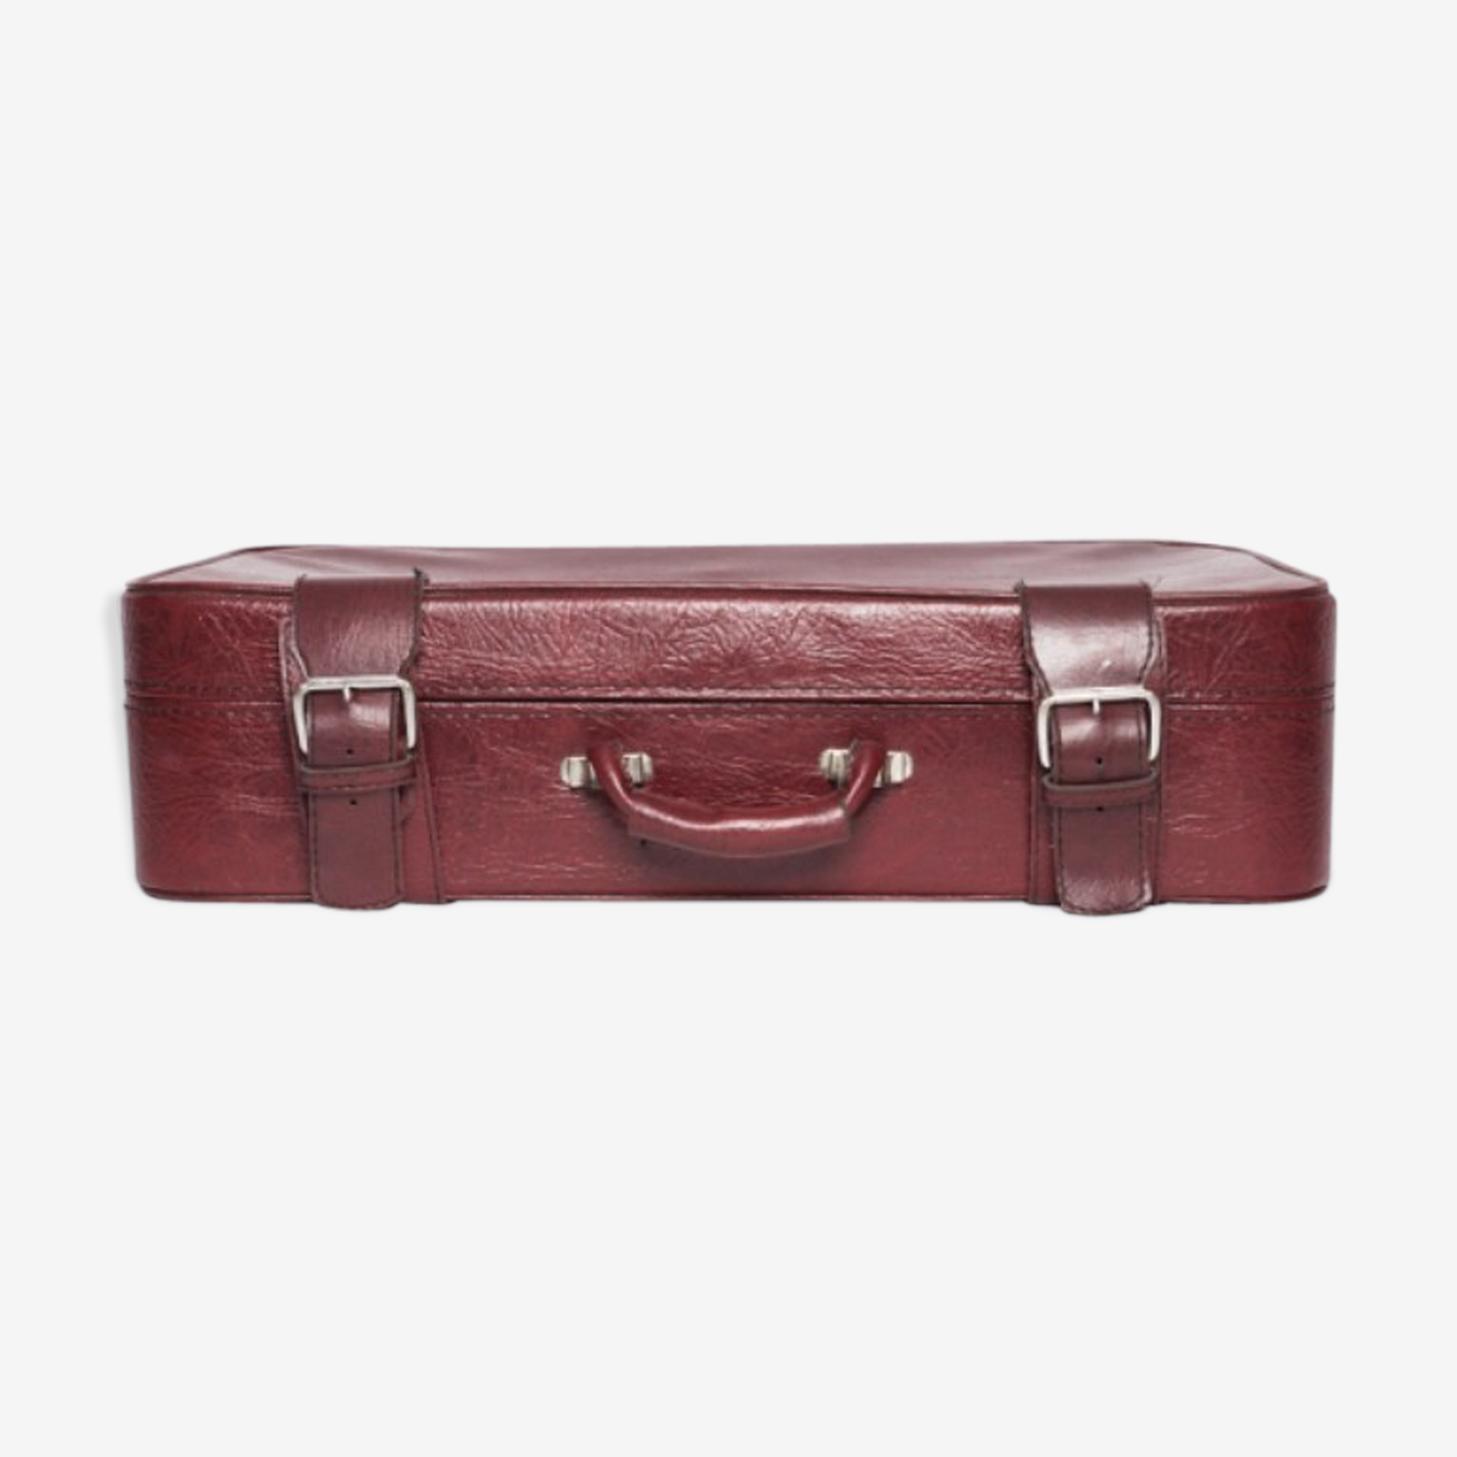 Valise rouge en simili cuir